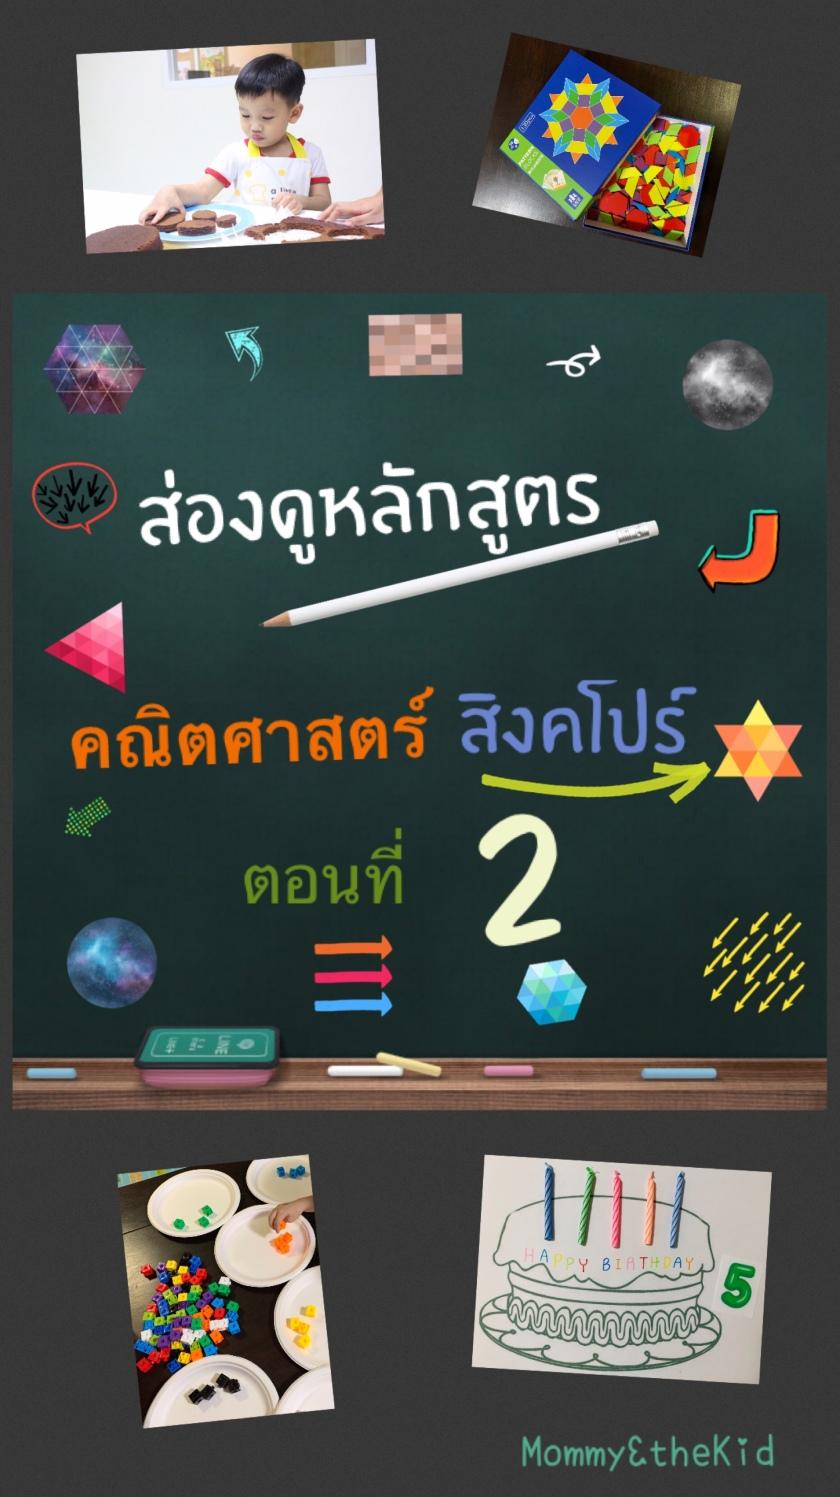 คณิตศาสตร์สิงคโปร์ 2